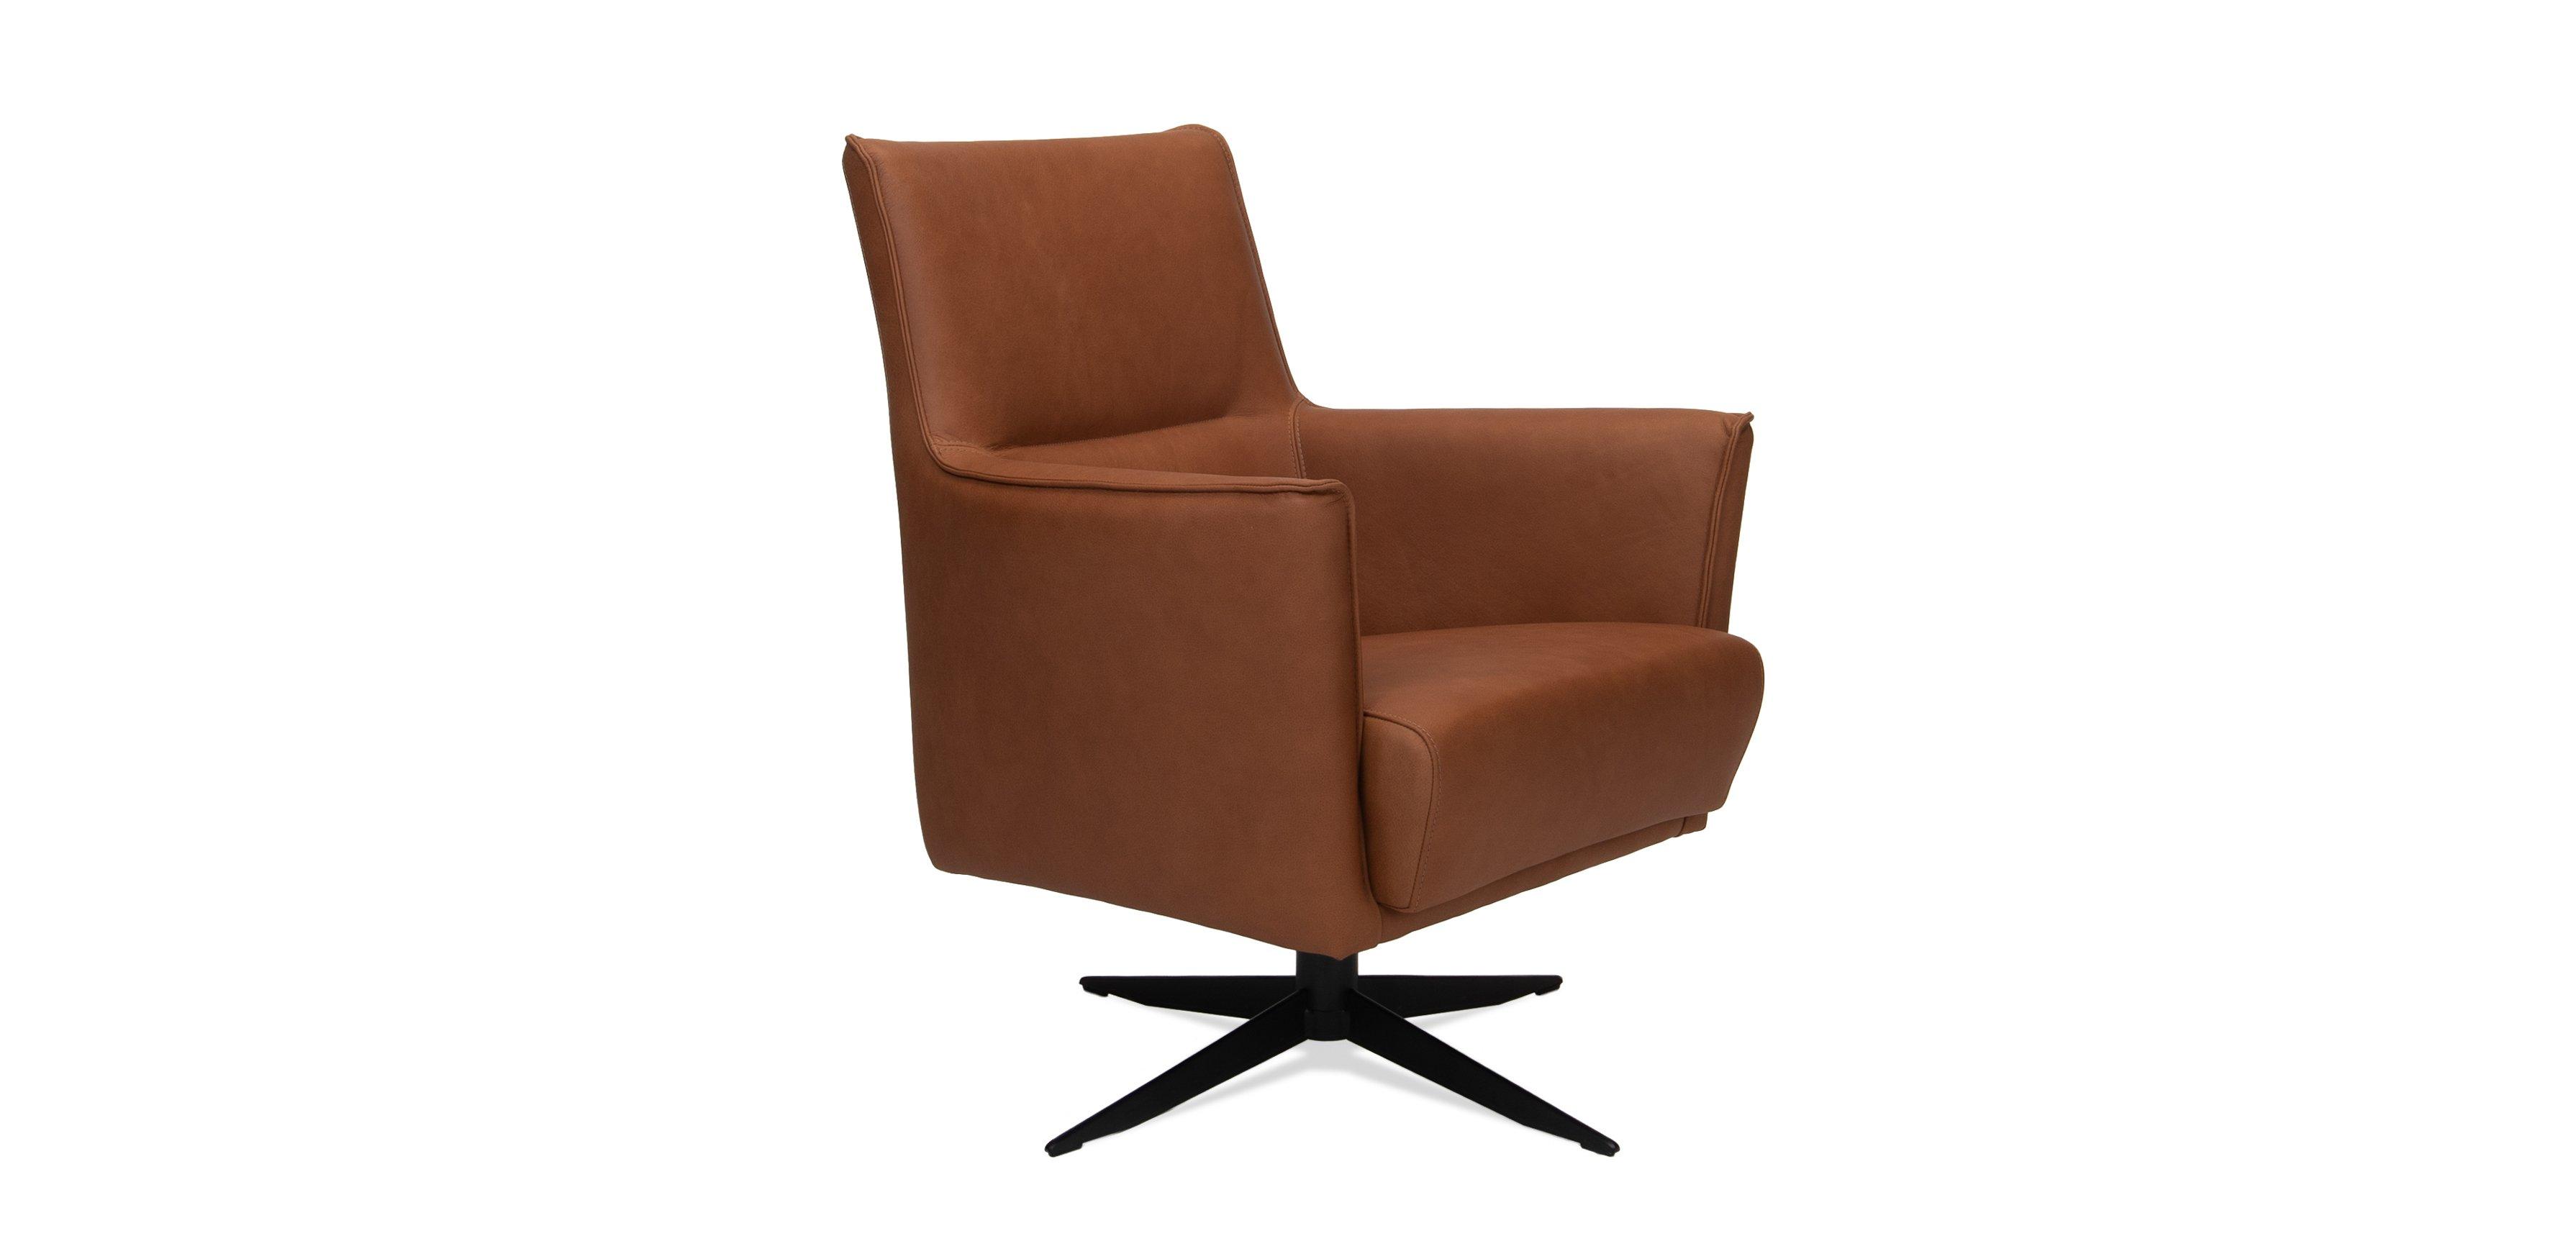 Speed fauteuil DYYK 3